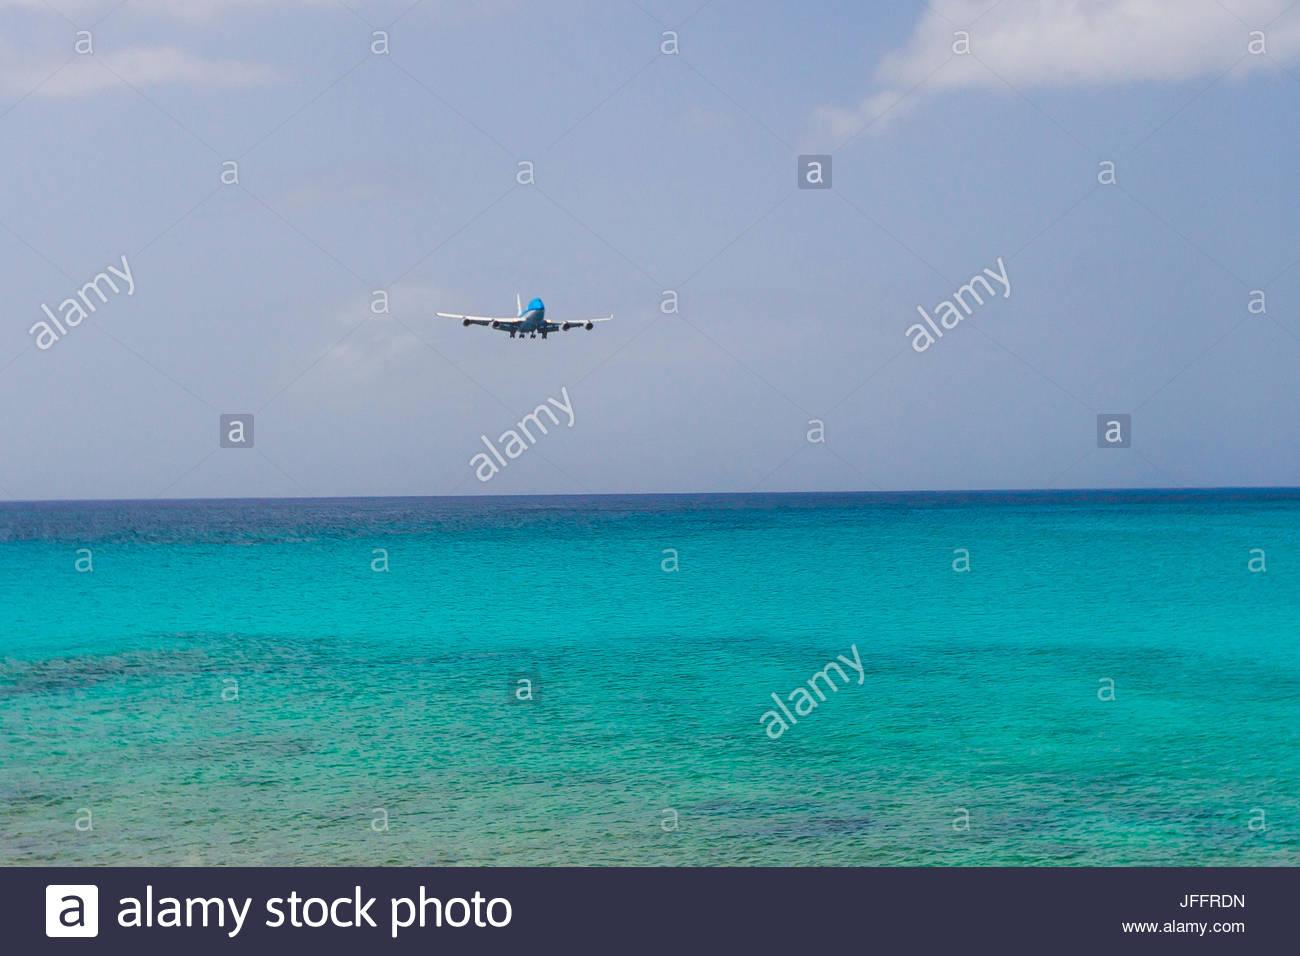 Un jumbo jet aereo volando a bassa quota sopra l'Oceano Atlantico prima di atterrare a Princess Juliana Airport. Immagini Stock